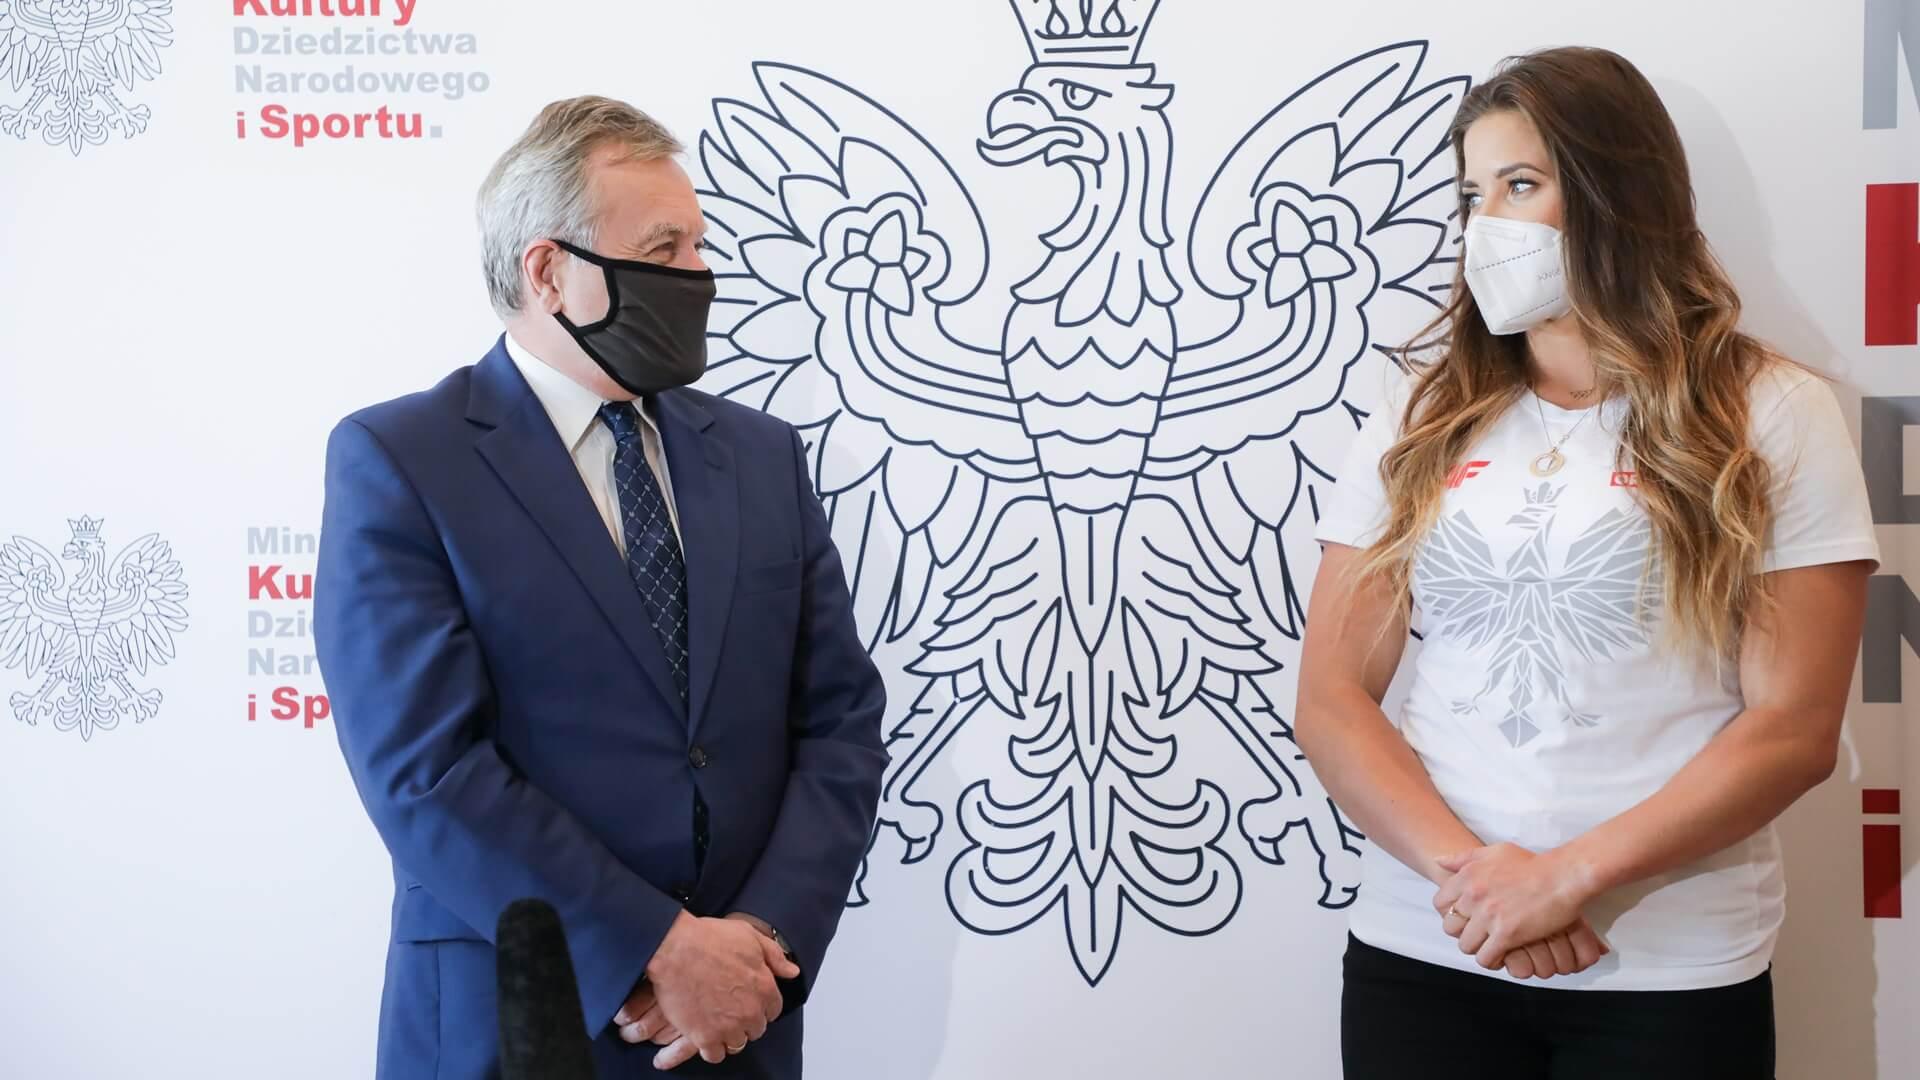 Wicepremier Gliński spotkał się z oszczepniczką Marią Andrejczyk, fot. Danuta Matloch/MKDNiS